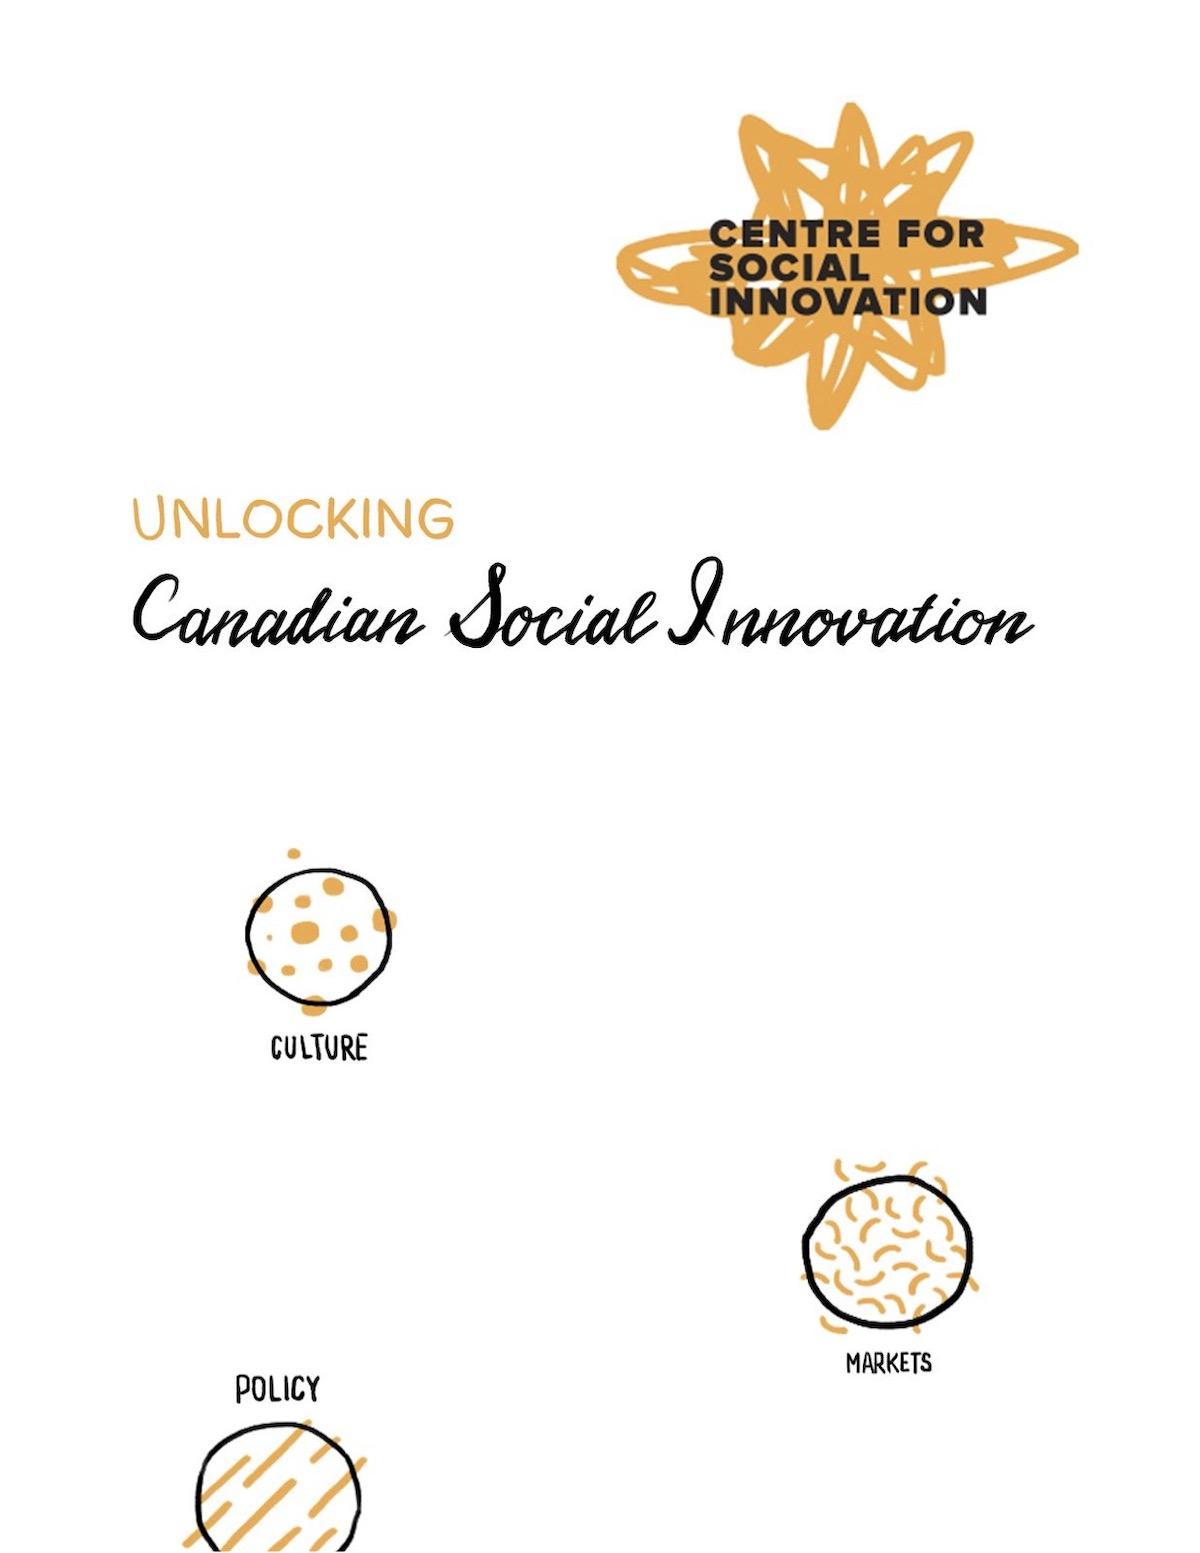 Unlocking Canadian Social Innovation